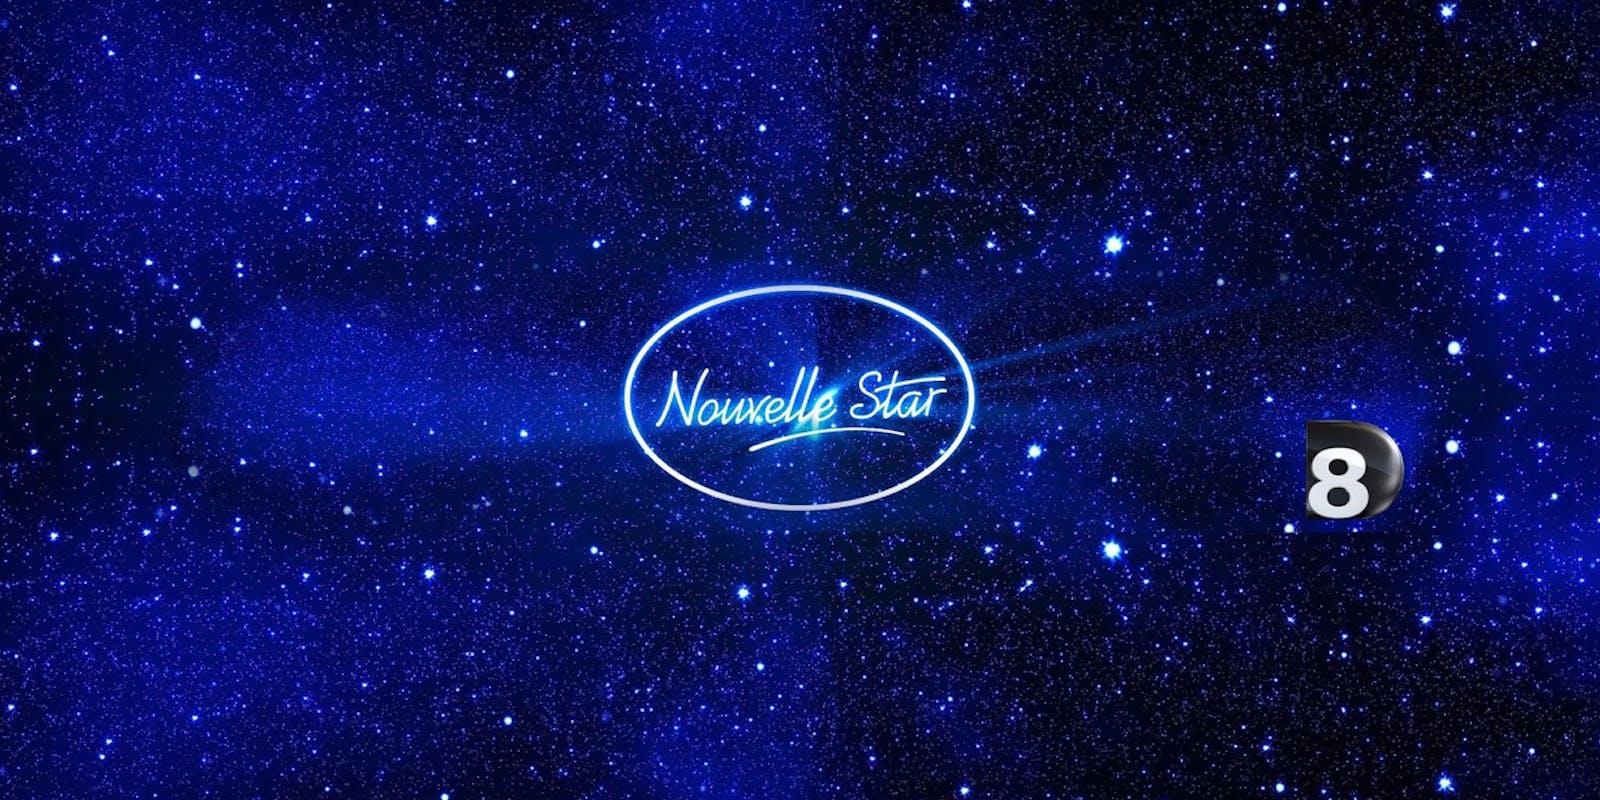 Nouvelle Star présente son dispositif Social TV